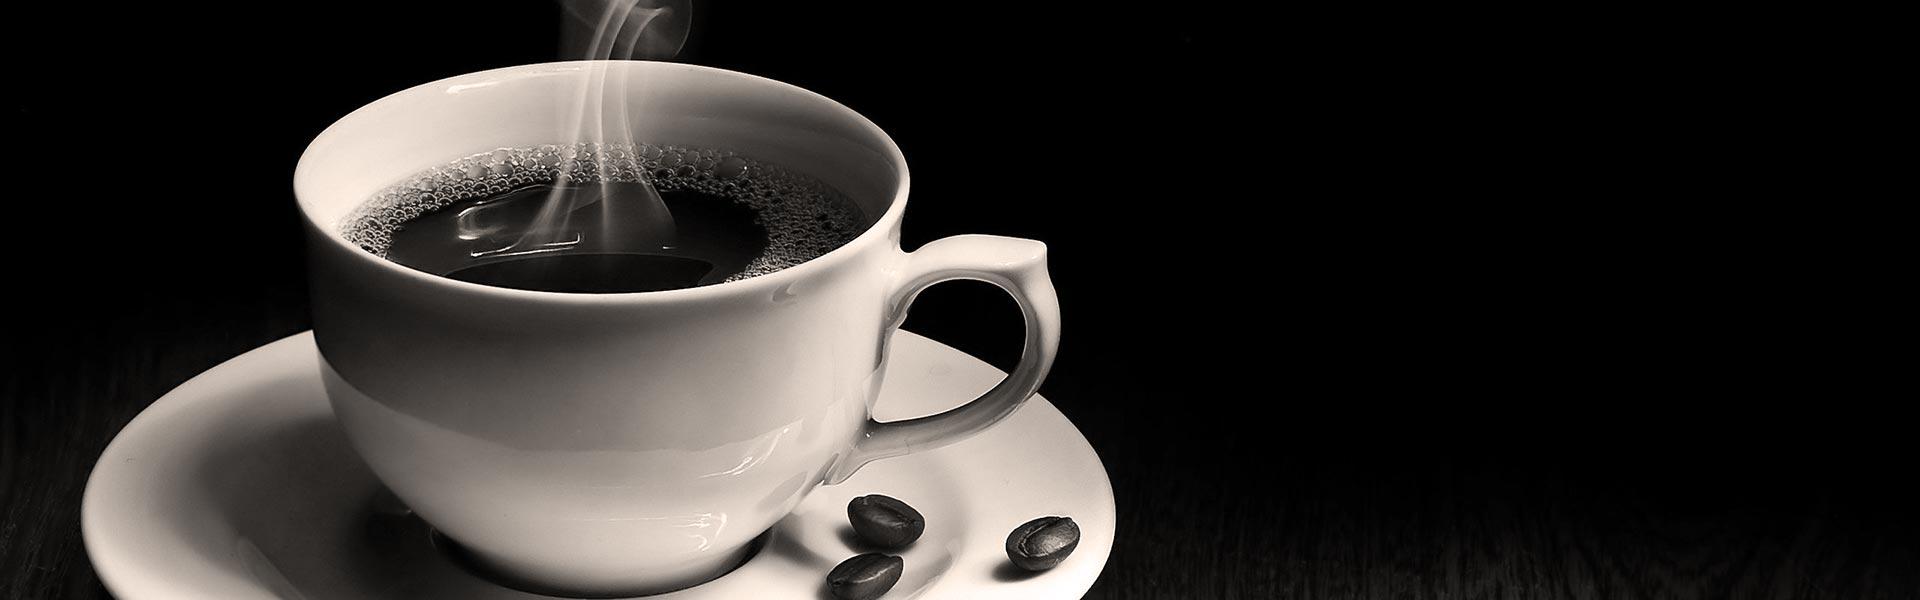 na tazzulella e cafè di napoli